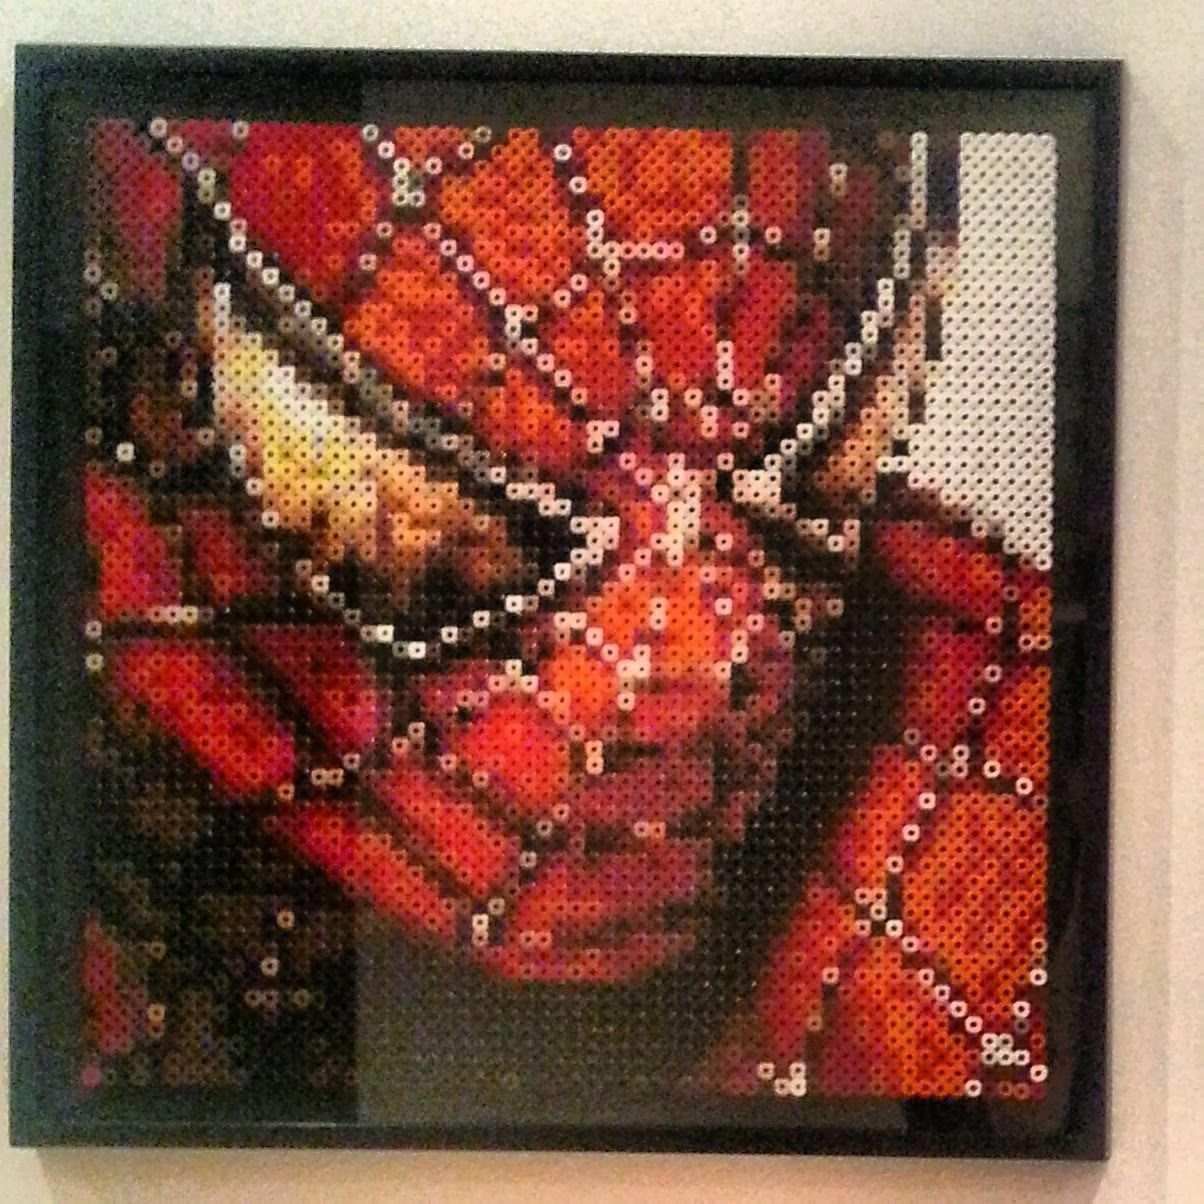 Parlandet Som Blivit Mer An Hobby Spider Man Perler Parlor Parlor Superhjaltar